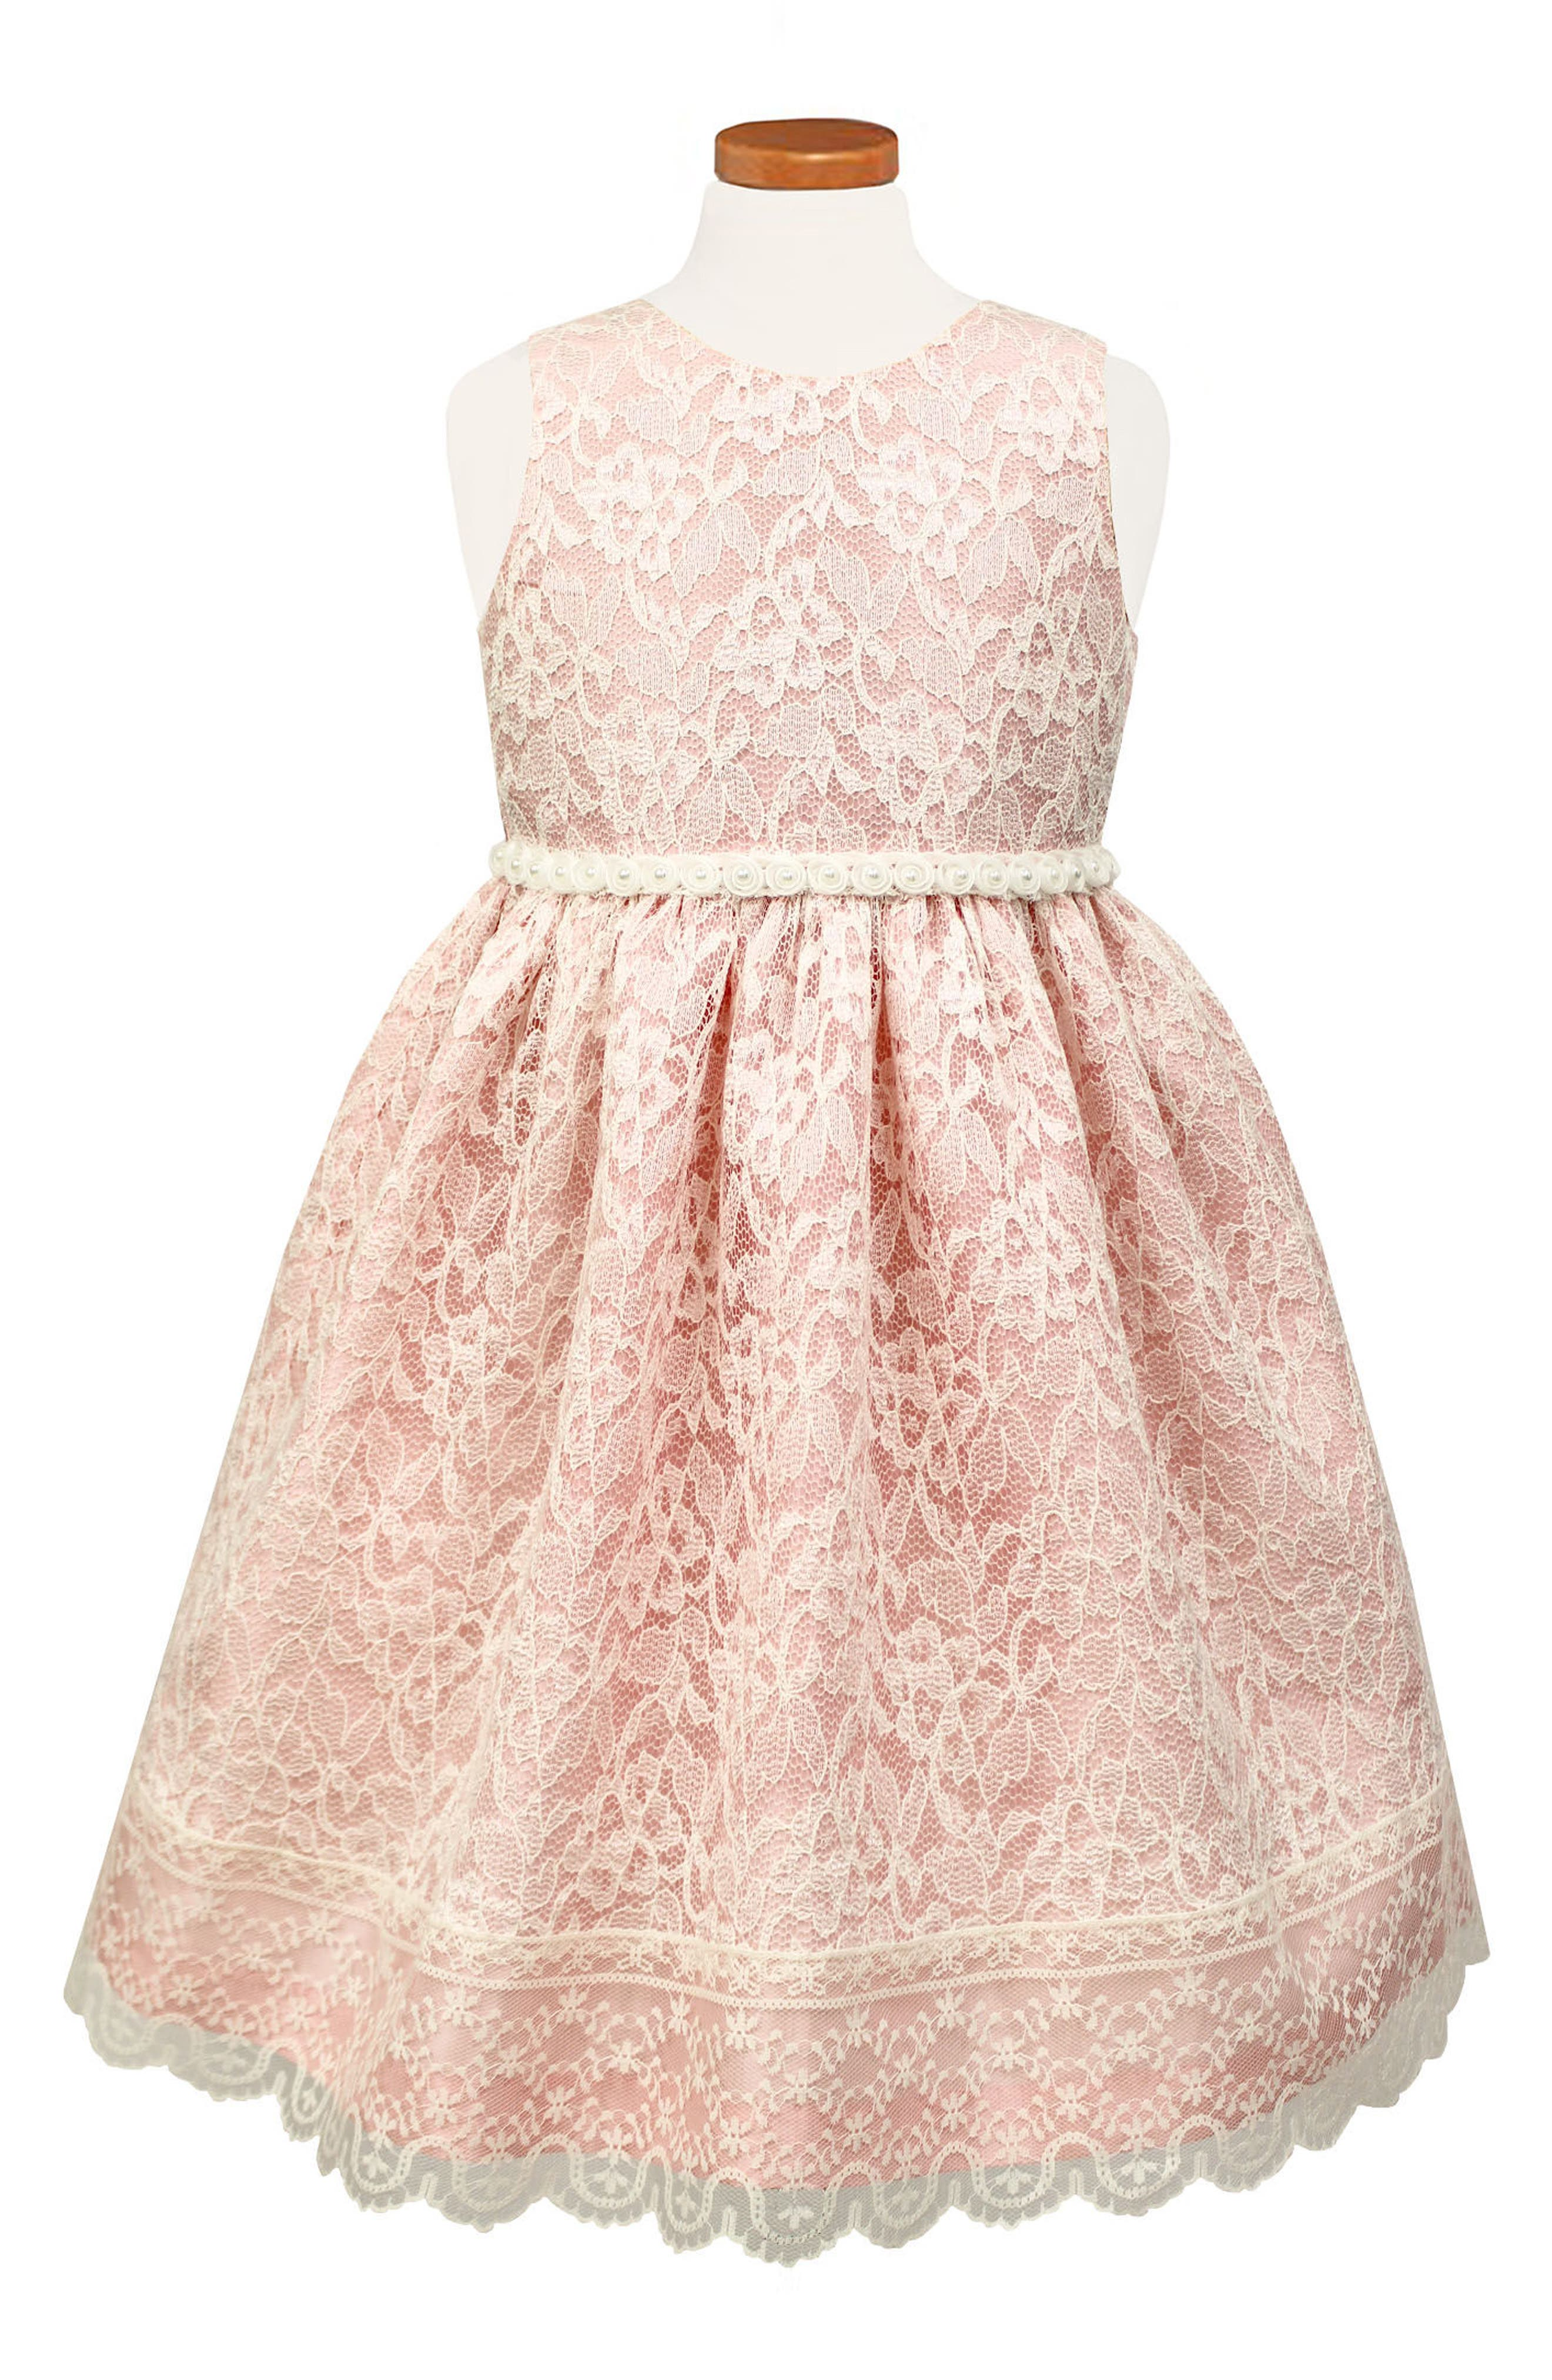 Sorbet Sleeveless Lace Dress (Toddler Girls & Little Girls)